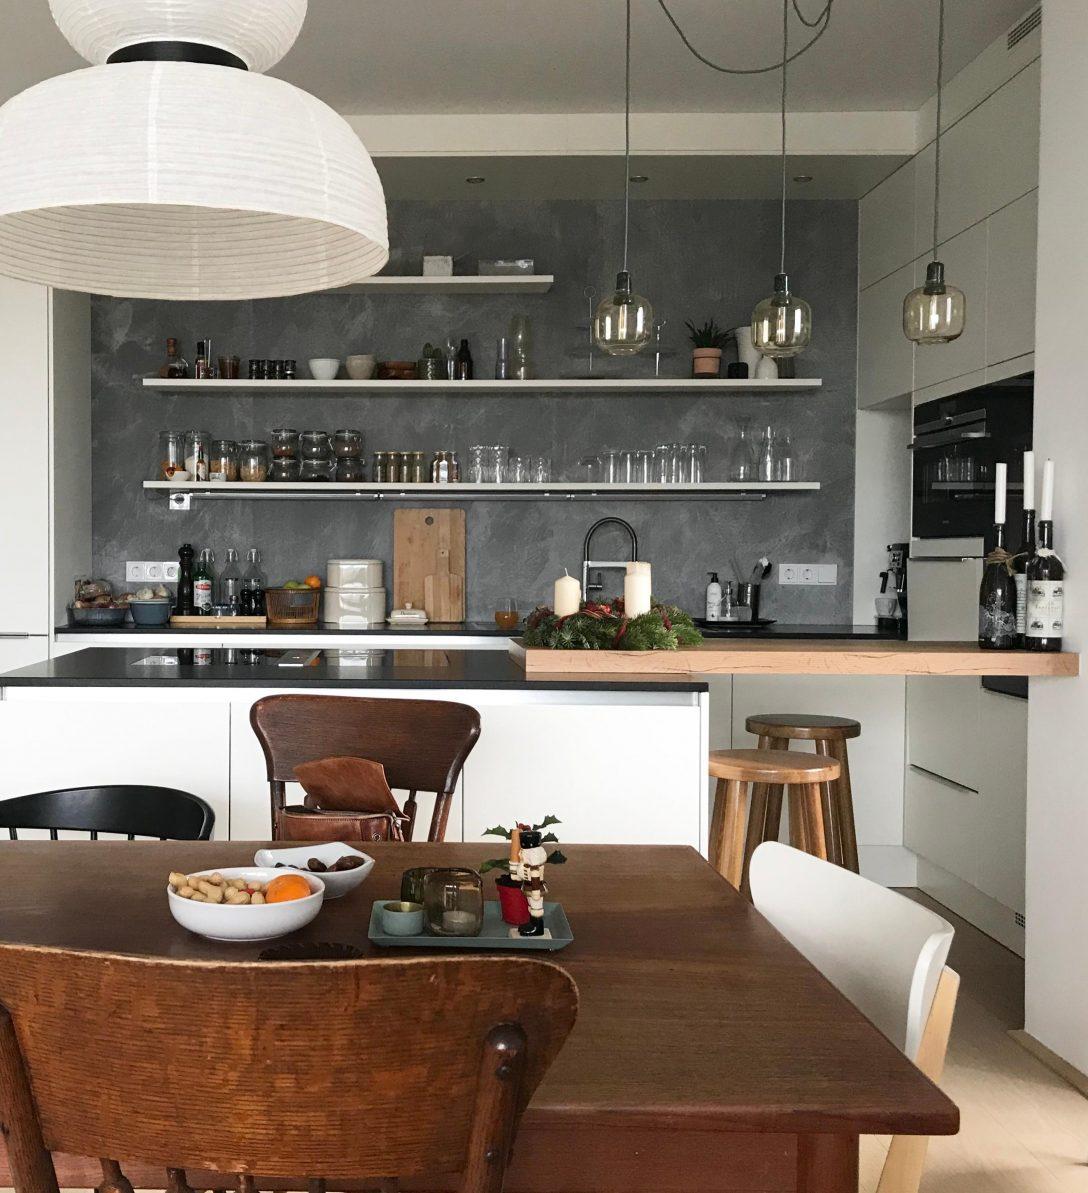 Full Size of Küchentheke Kchentheke Design Kche Mit Tresen Ikea Planen Theke Wand Ohne Wohnzimmer Küchentheke